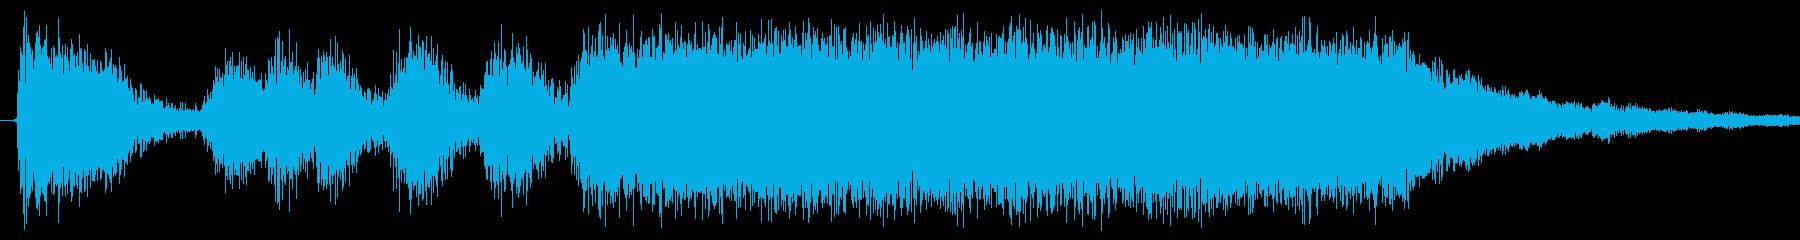 ゲームでステージクリアに使う曲の再生済みの波形